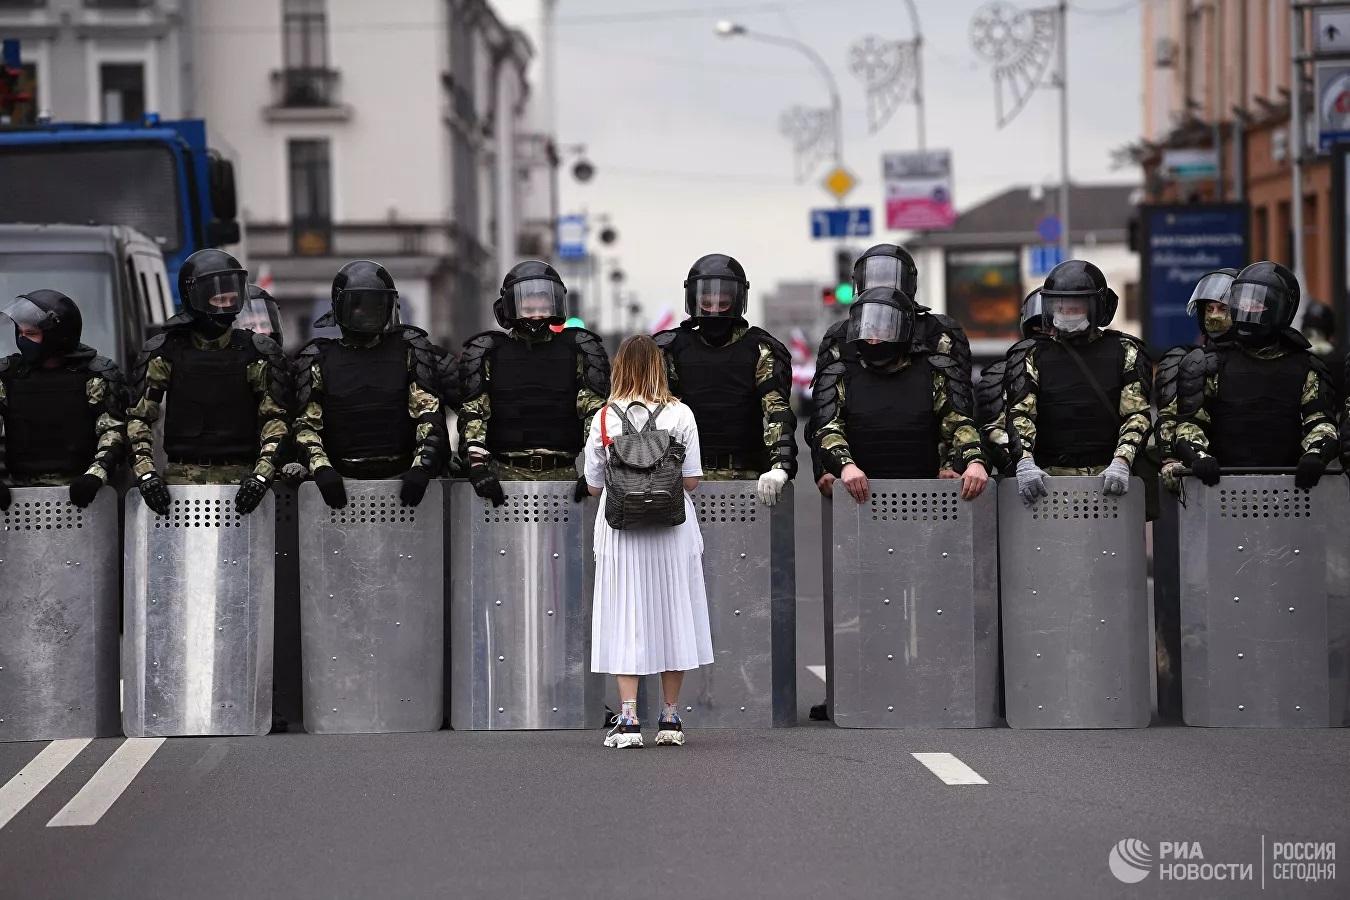 Chùm ảnh: Một tuần tràn ngập sự kiện nổi bật khắp thế giới